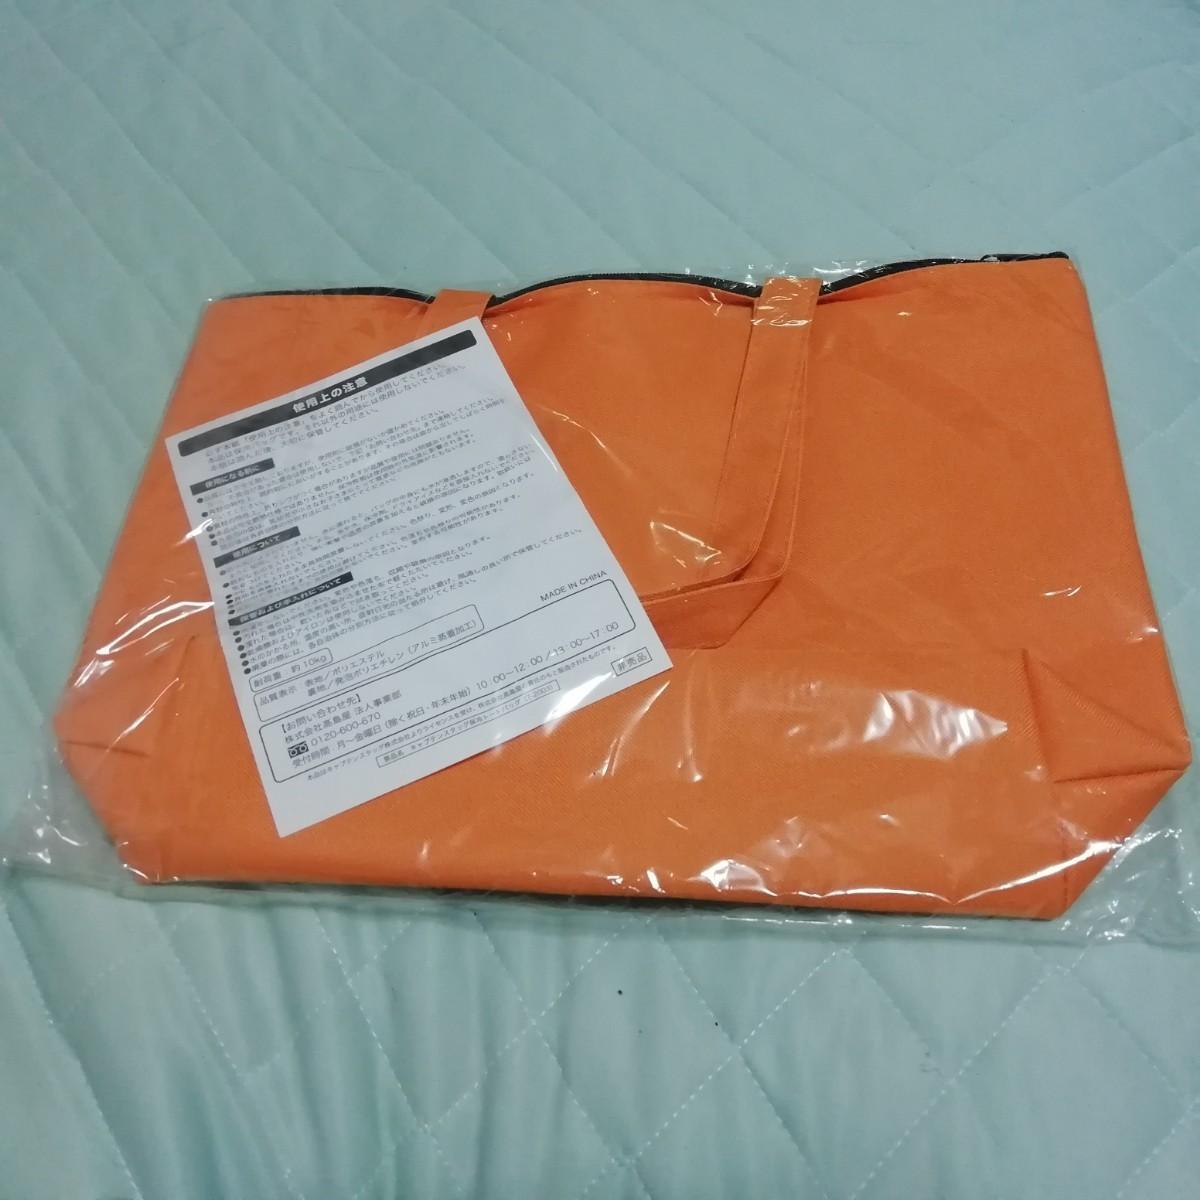 保冷バッグ キャプテンスタッグ 保冷トートバック 裏側アルミ粘着 耐荷重10キロ 横40x深さ30x厚み10センチ 保温冷バッグ